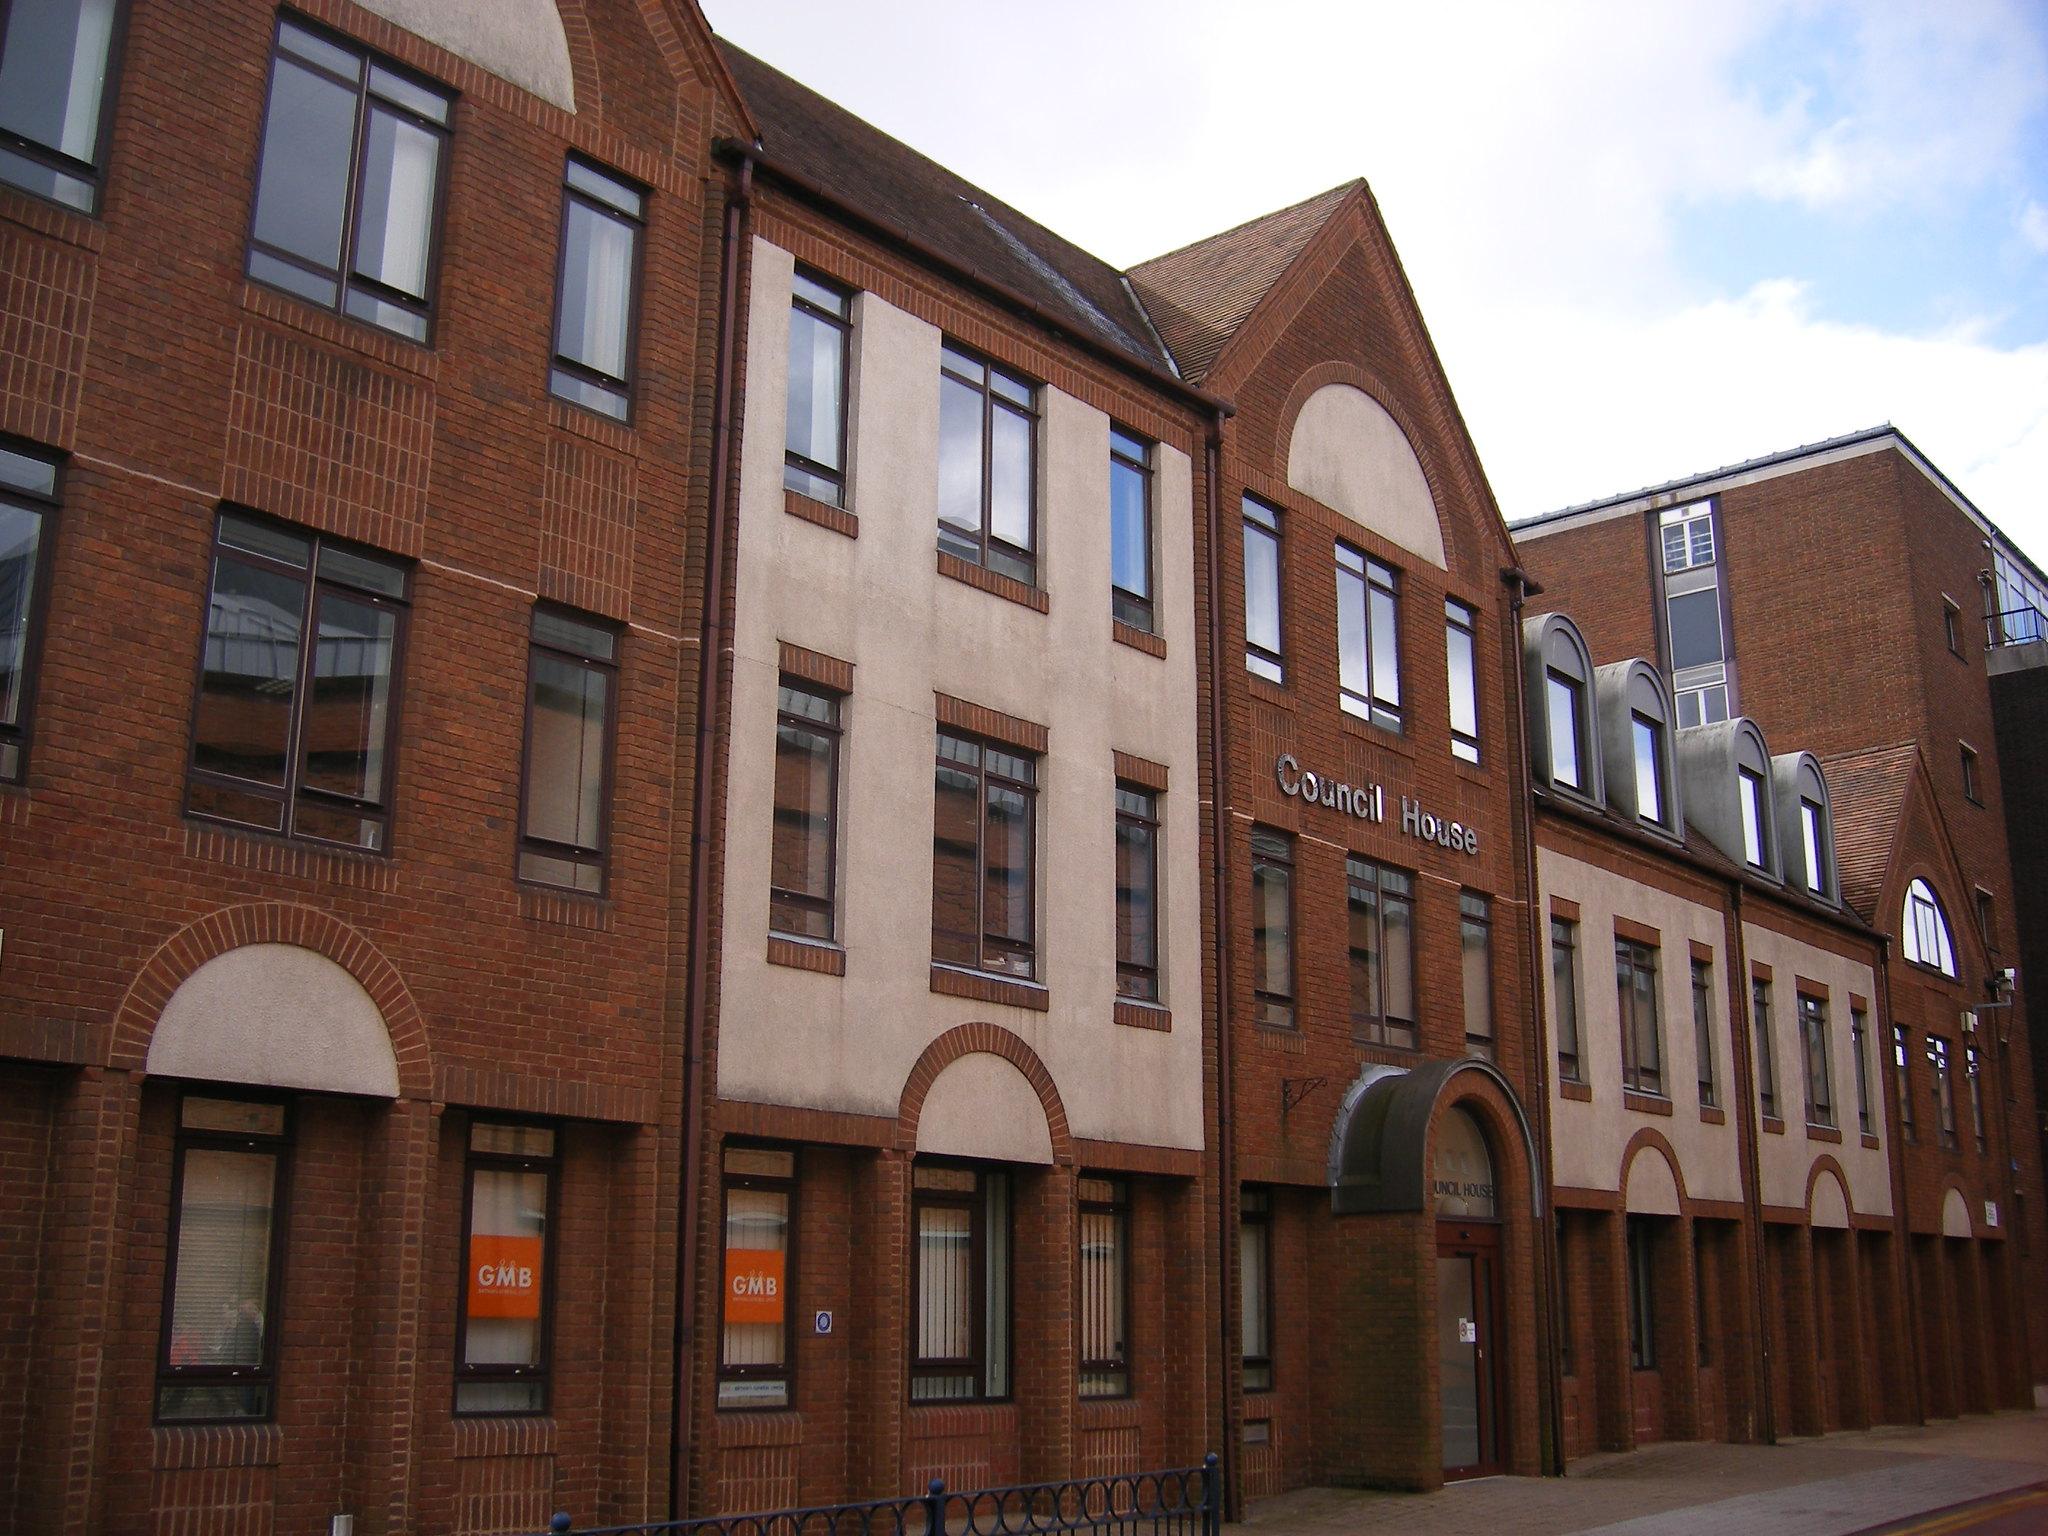 Gebäude, Straße